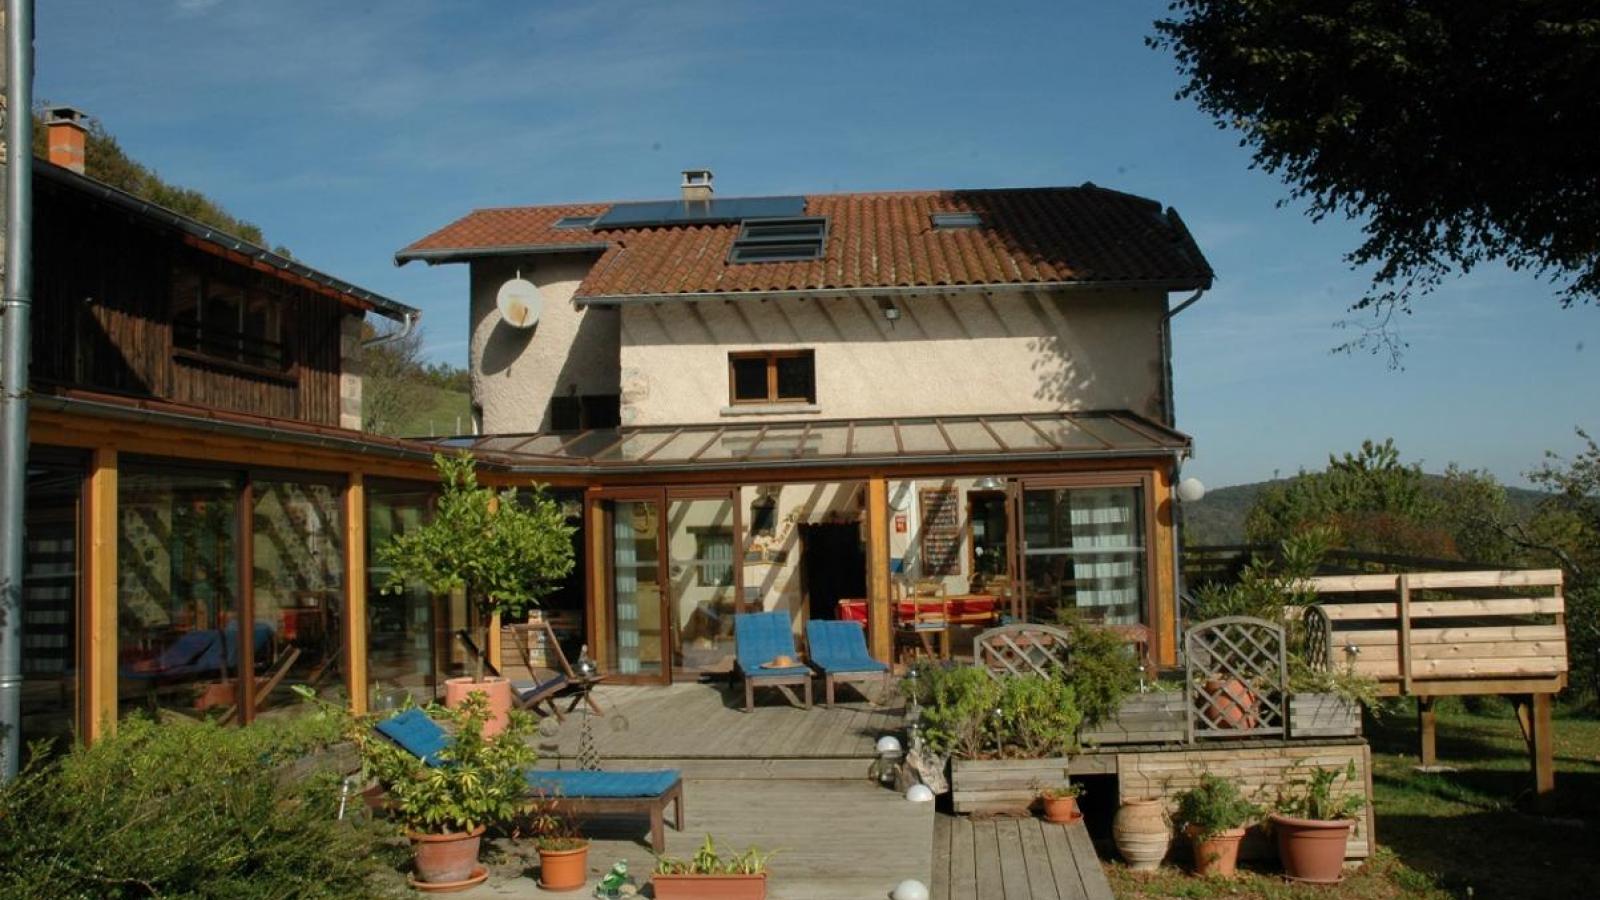 Chambres d'Hôtes 'Les Fées du Fay' à Marchampt dans le Beaujolais - Rhône, en été.